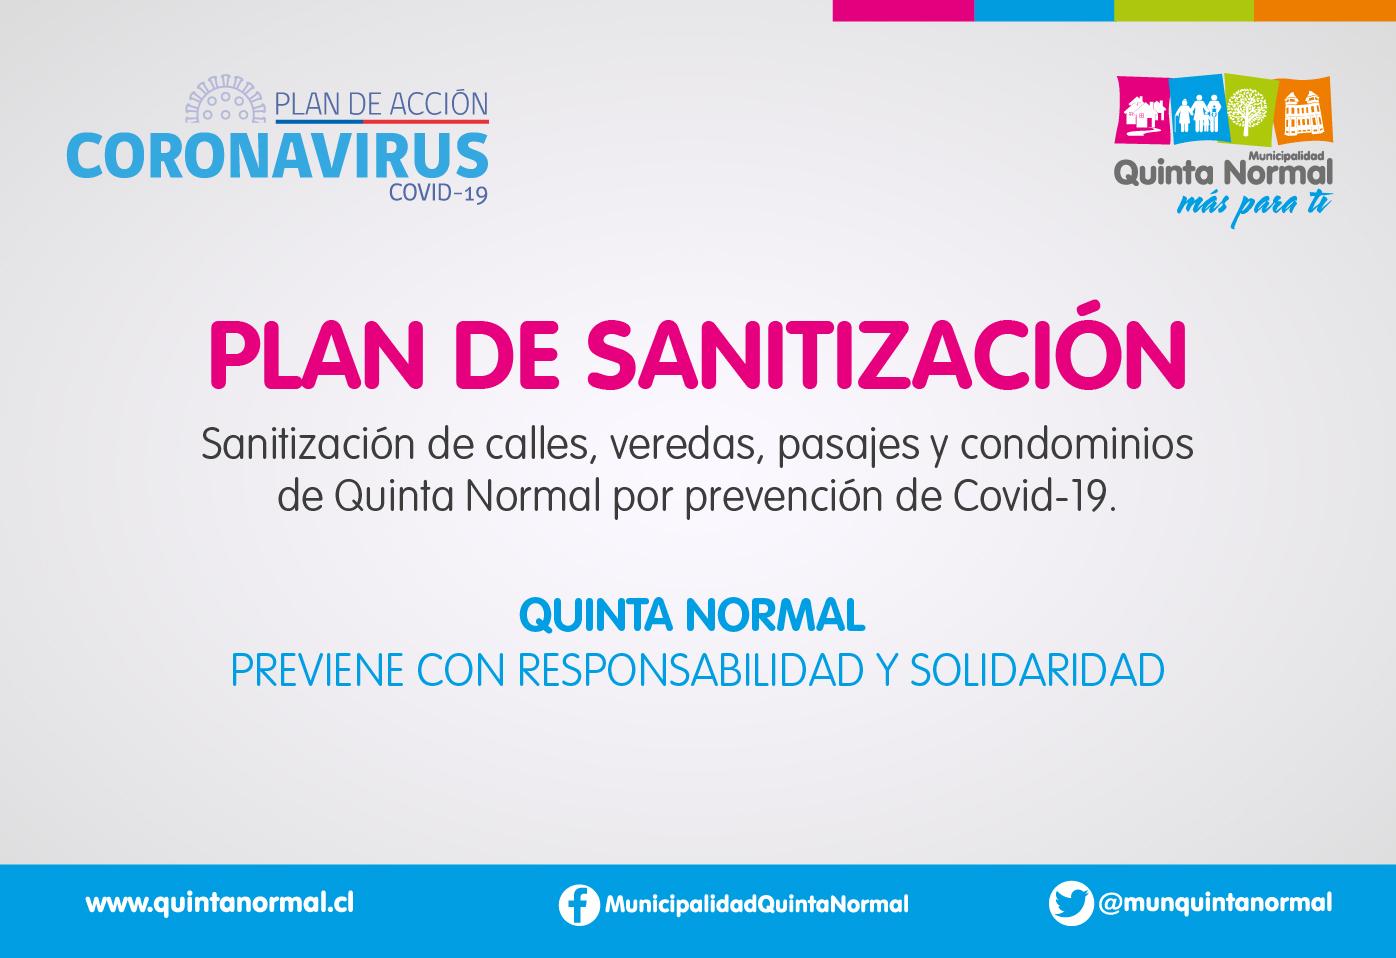 Sanitización comunal